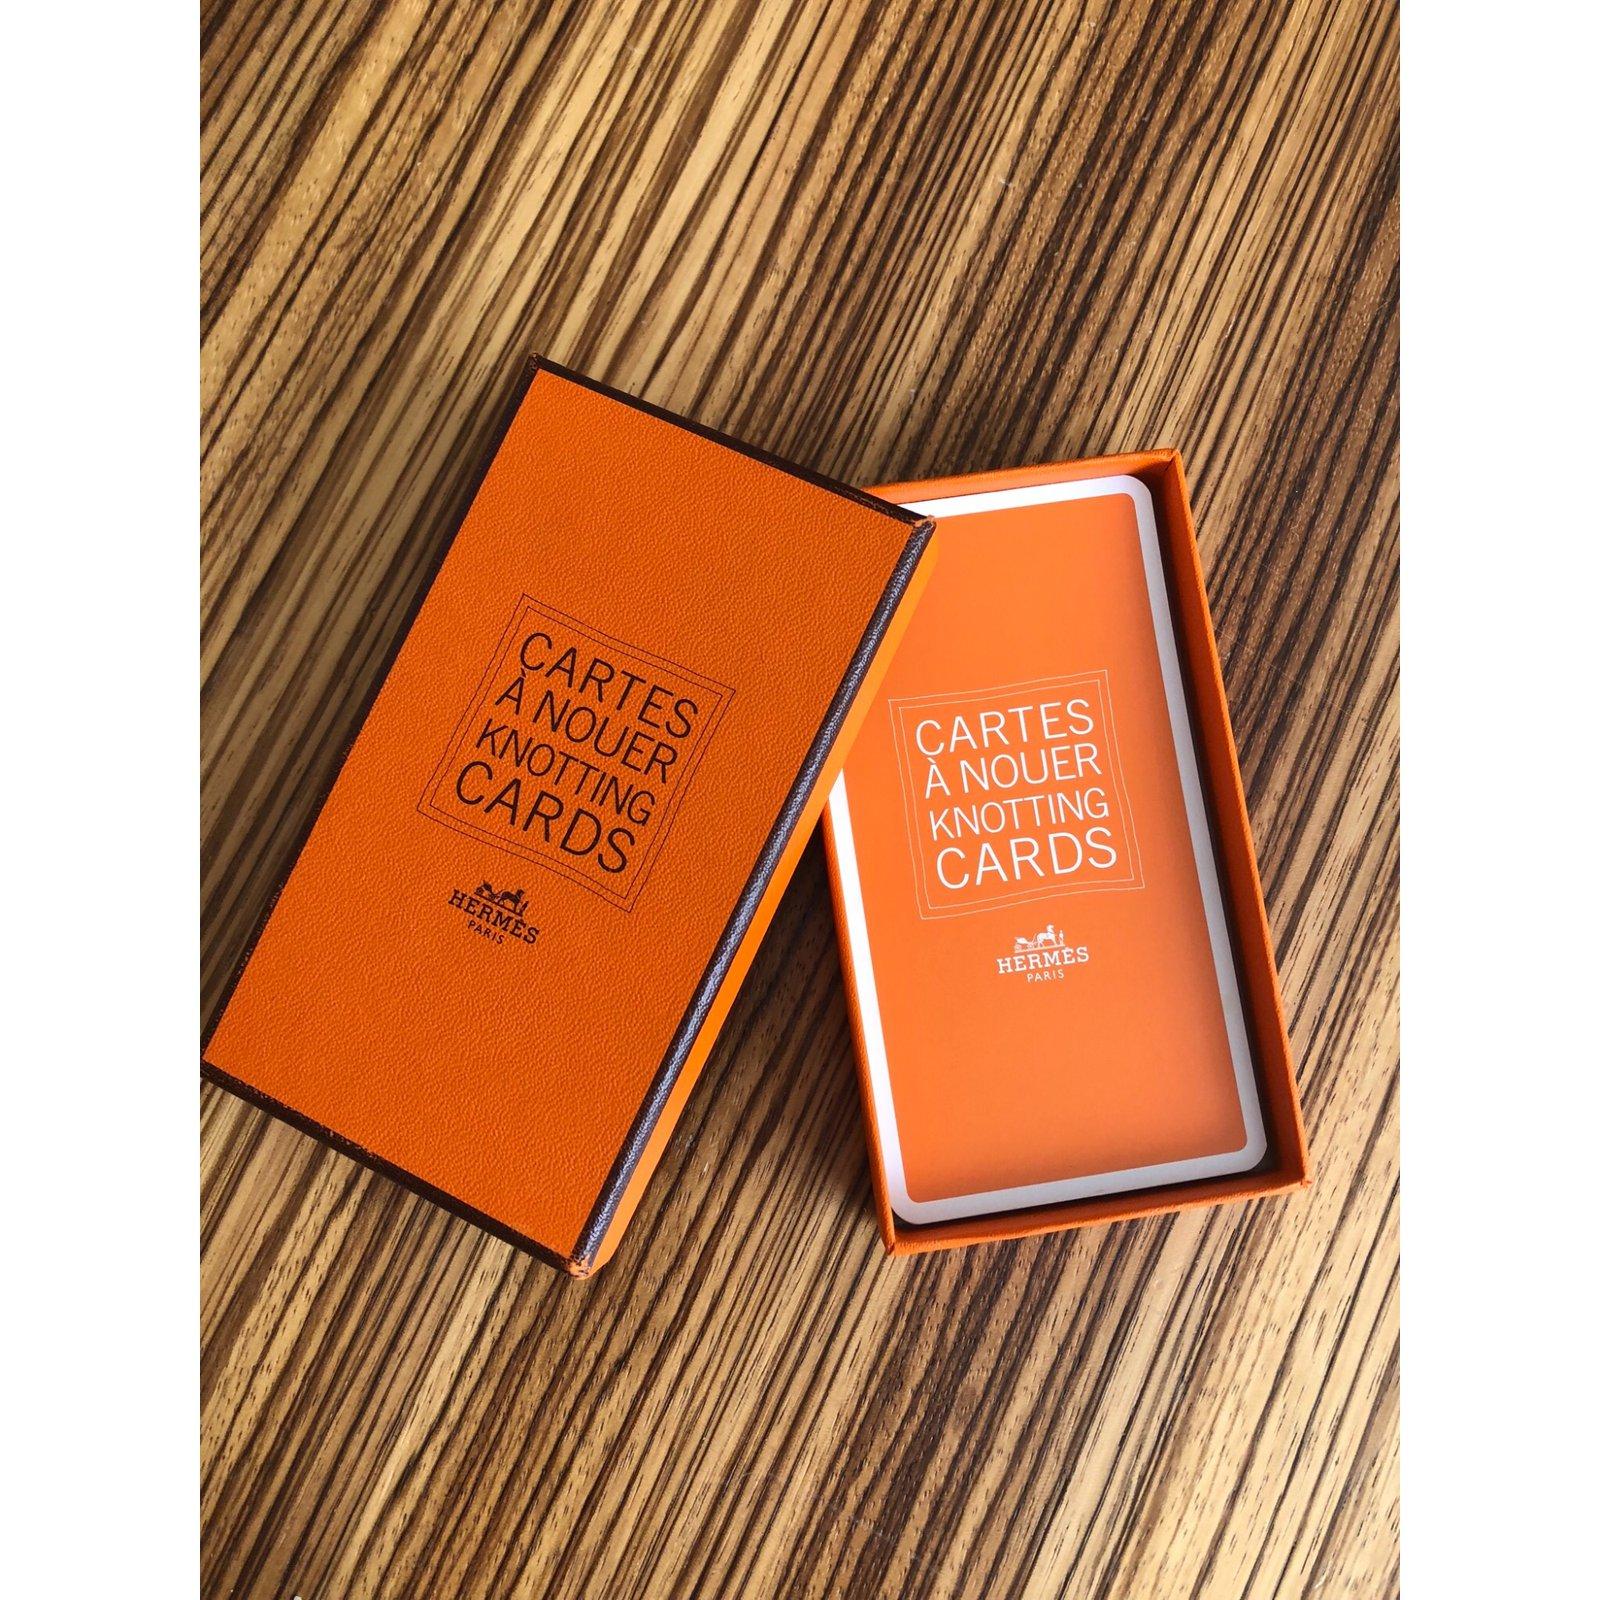 Carte Cadeau Hermes.Cards For Knotting